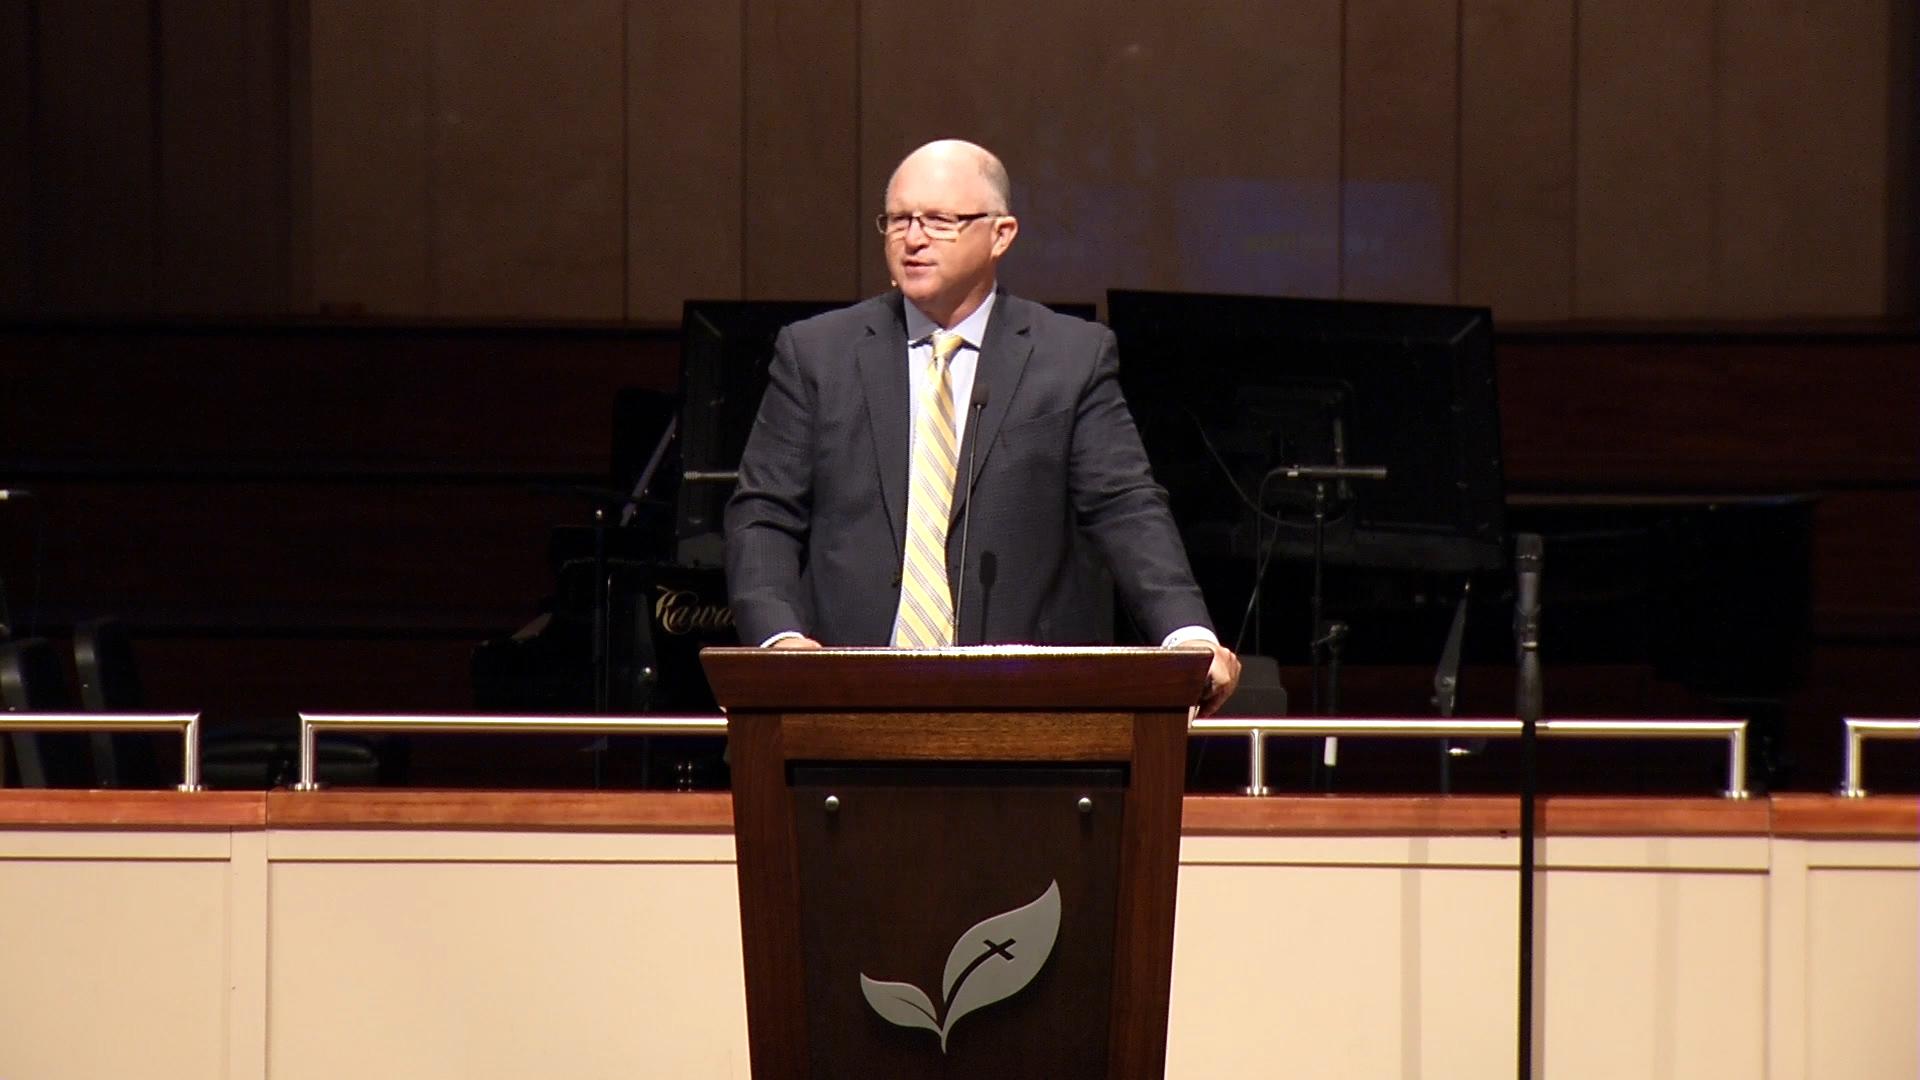 Pastor Paul Chappell: Assurance for Trusting Behavior